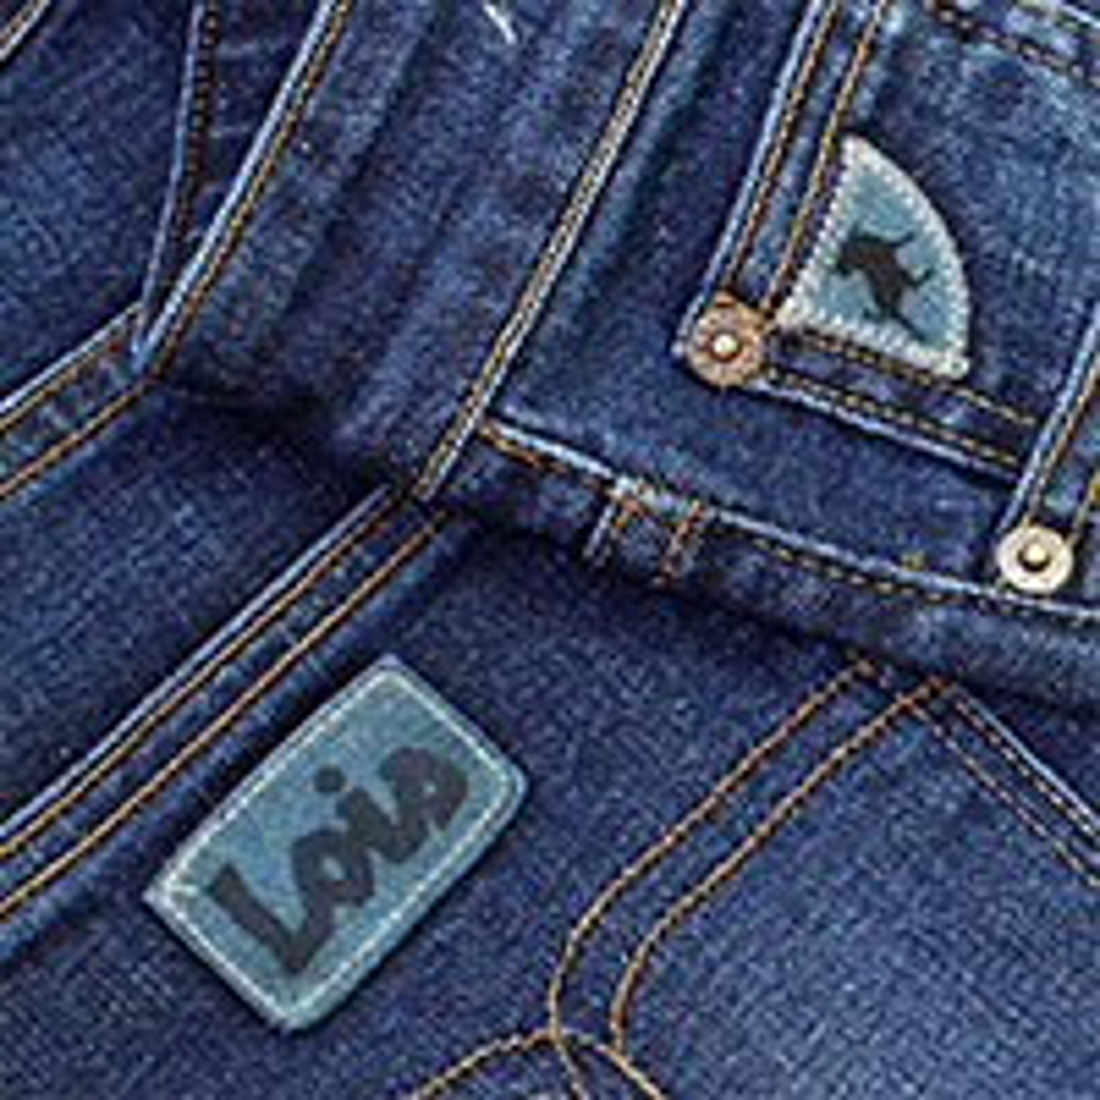 De Lois collectie bij VT Mode